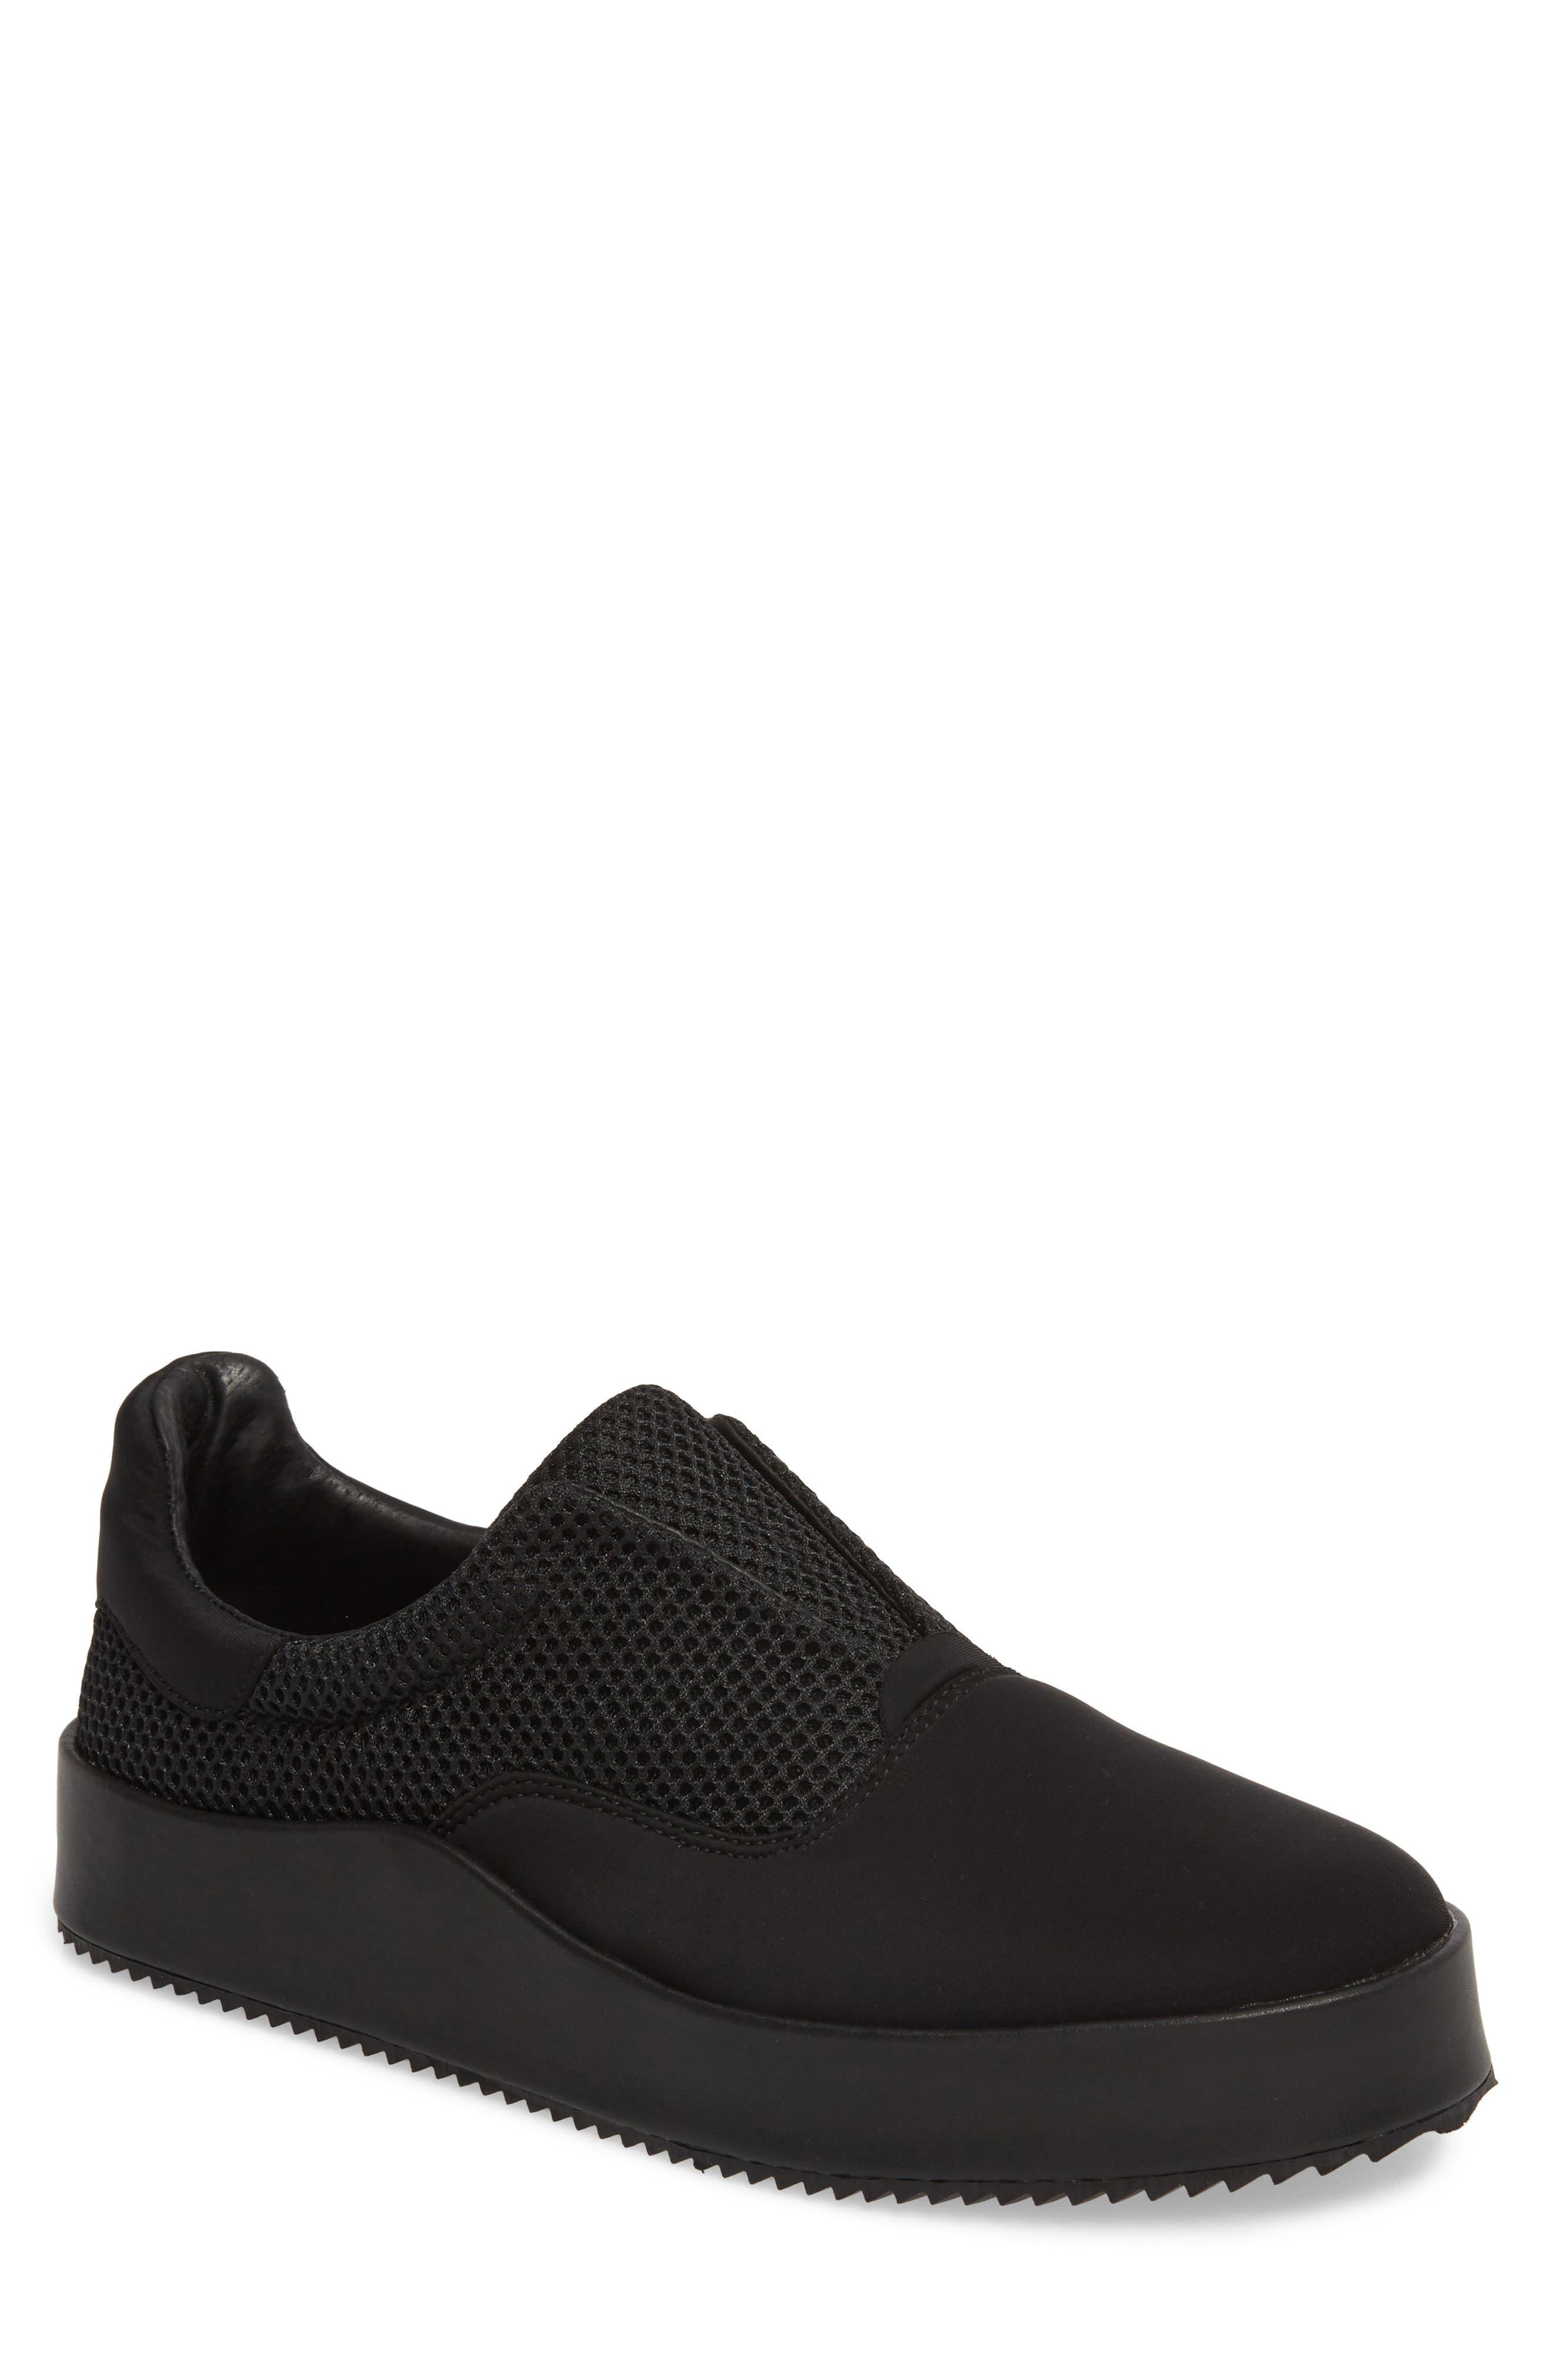 Core Neoprene Skater Laceless Sneaker,                             Main thumbnail 1, color,                             Black Neoprene Fabric